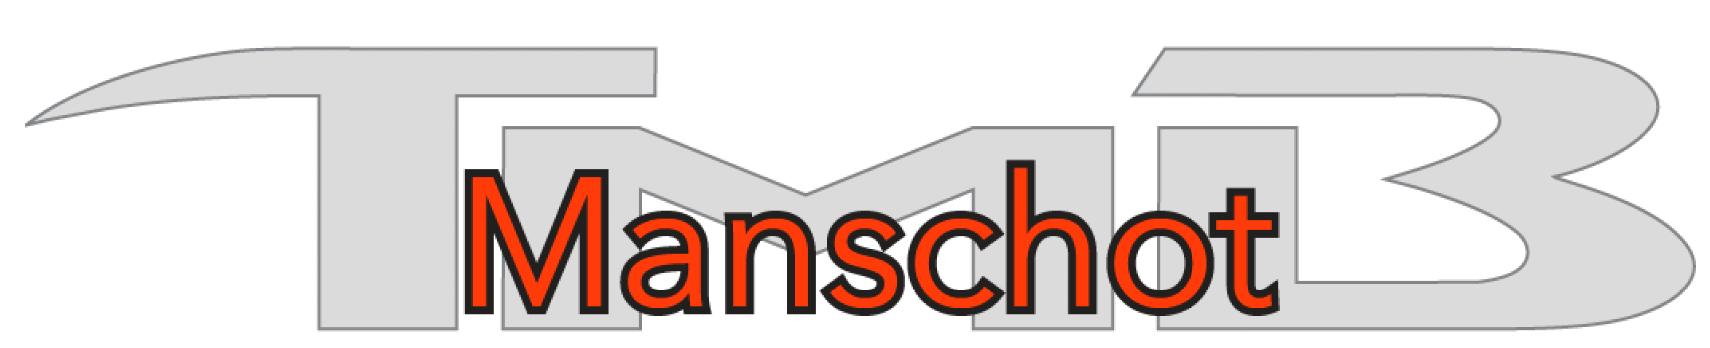 Manschot TMB